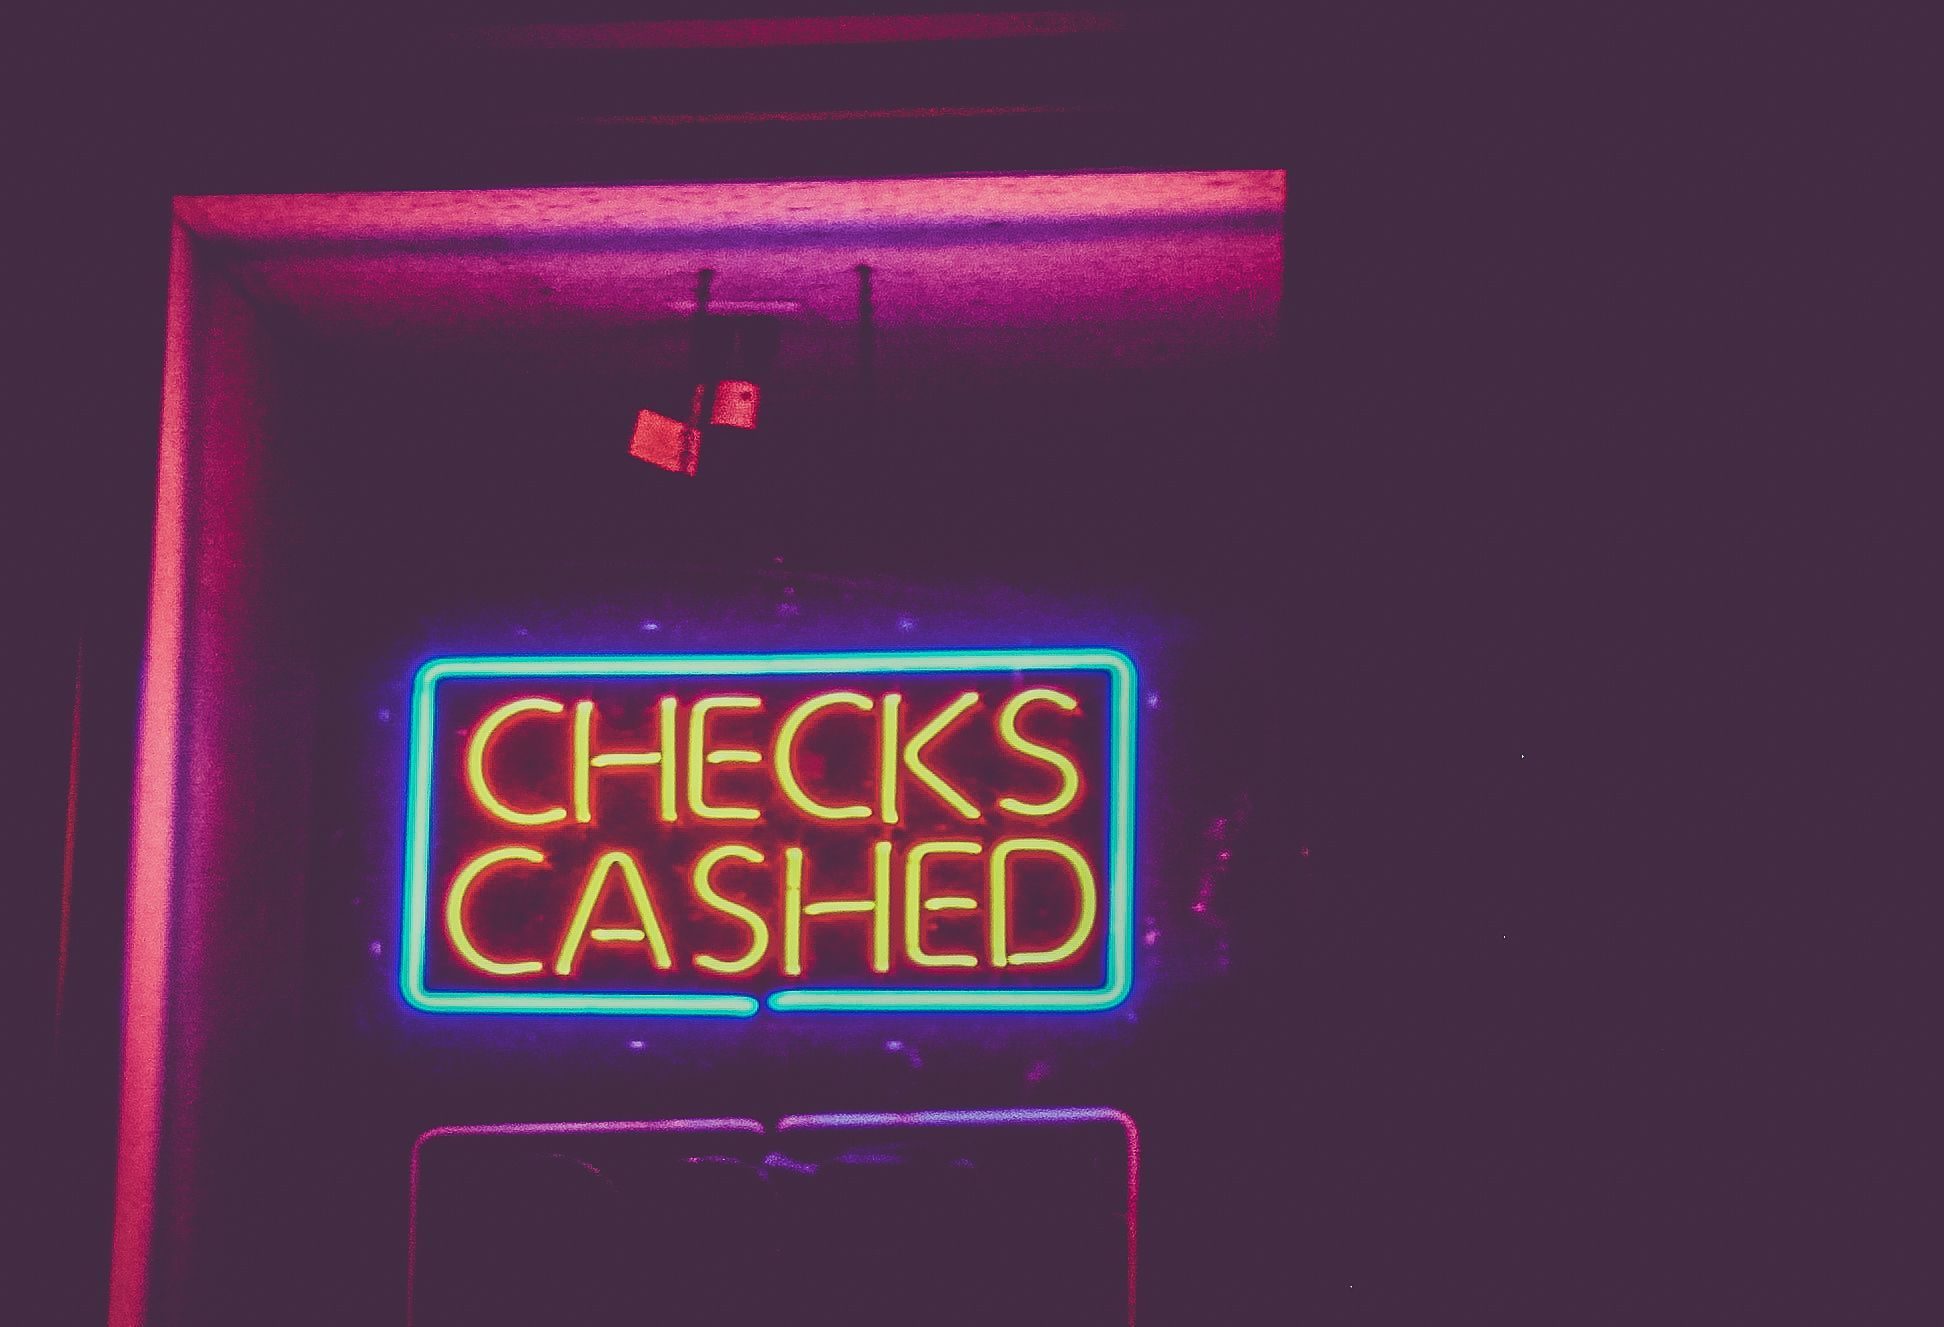 Ace cash advance houston photo 9